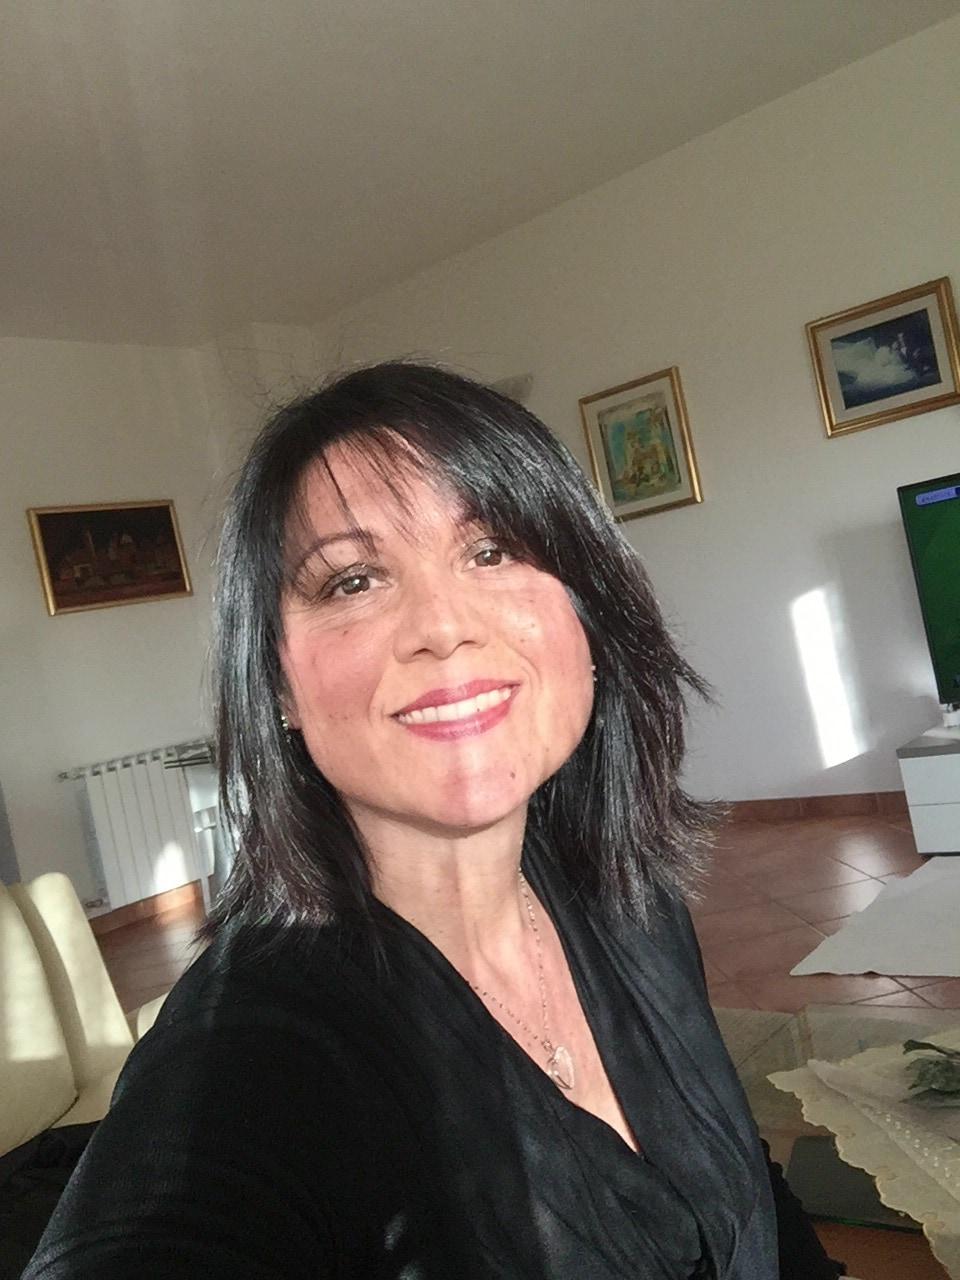 Giusi from Arzachena